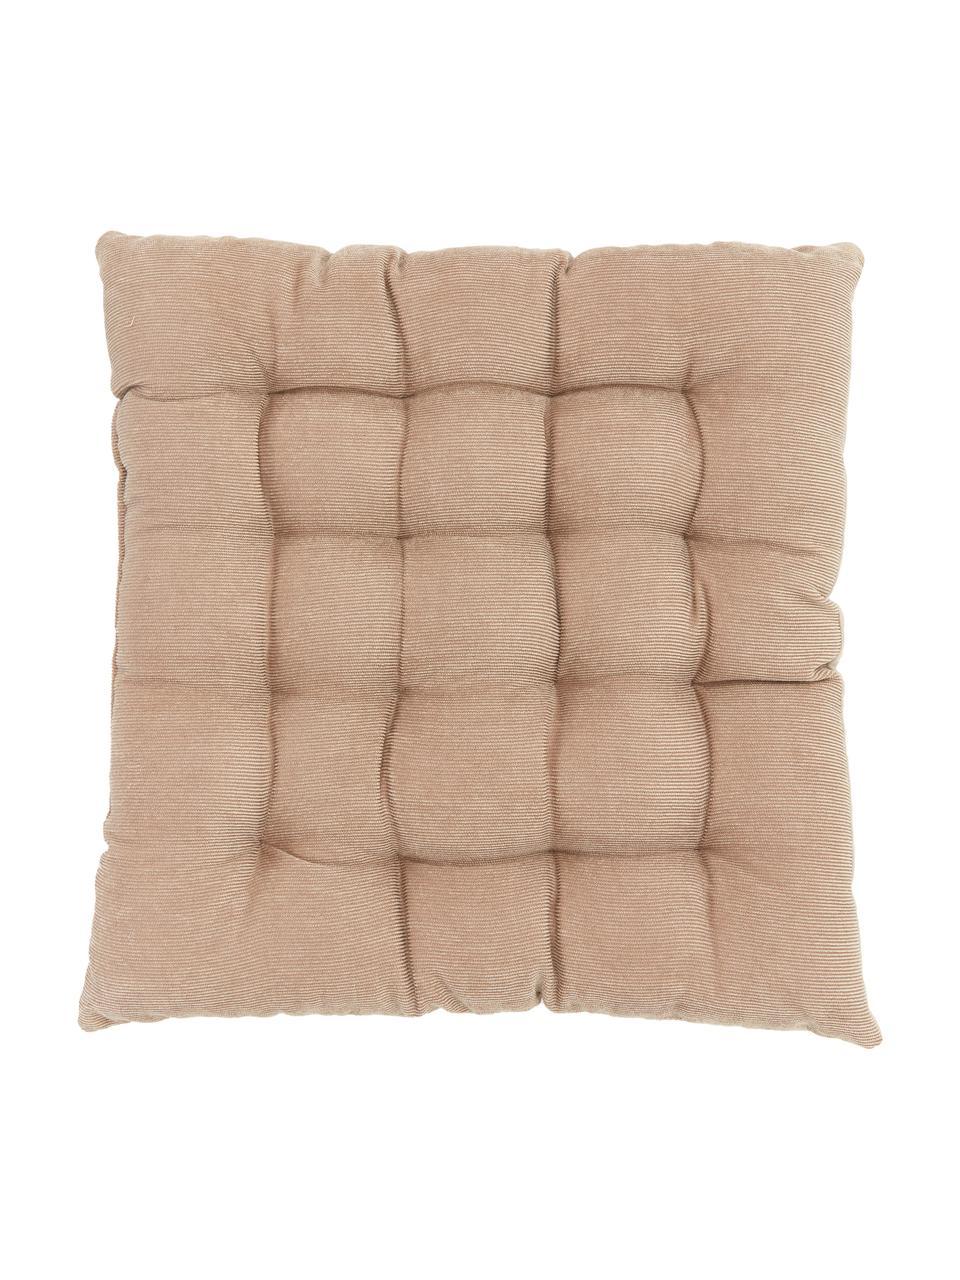 Wendesitzkissen Milana, Samt/Cord, Vorderseite: Polyestersamt, Rückseite: Cord (90% Polyester, 7% N, Beige, 40 x 40 cm